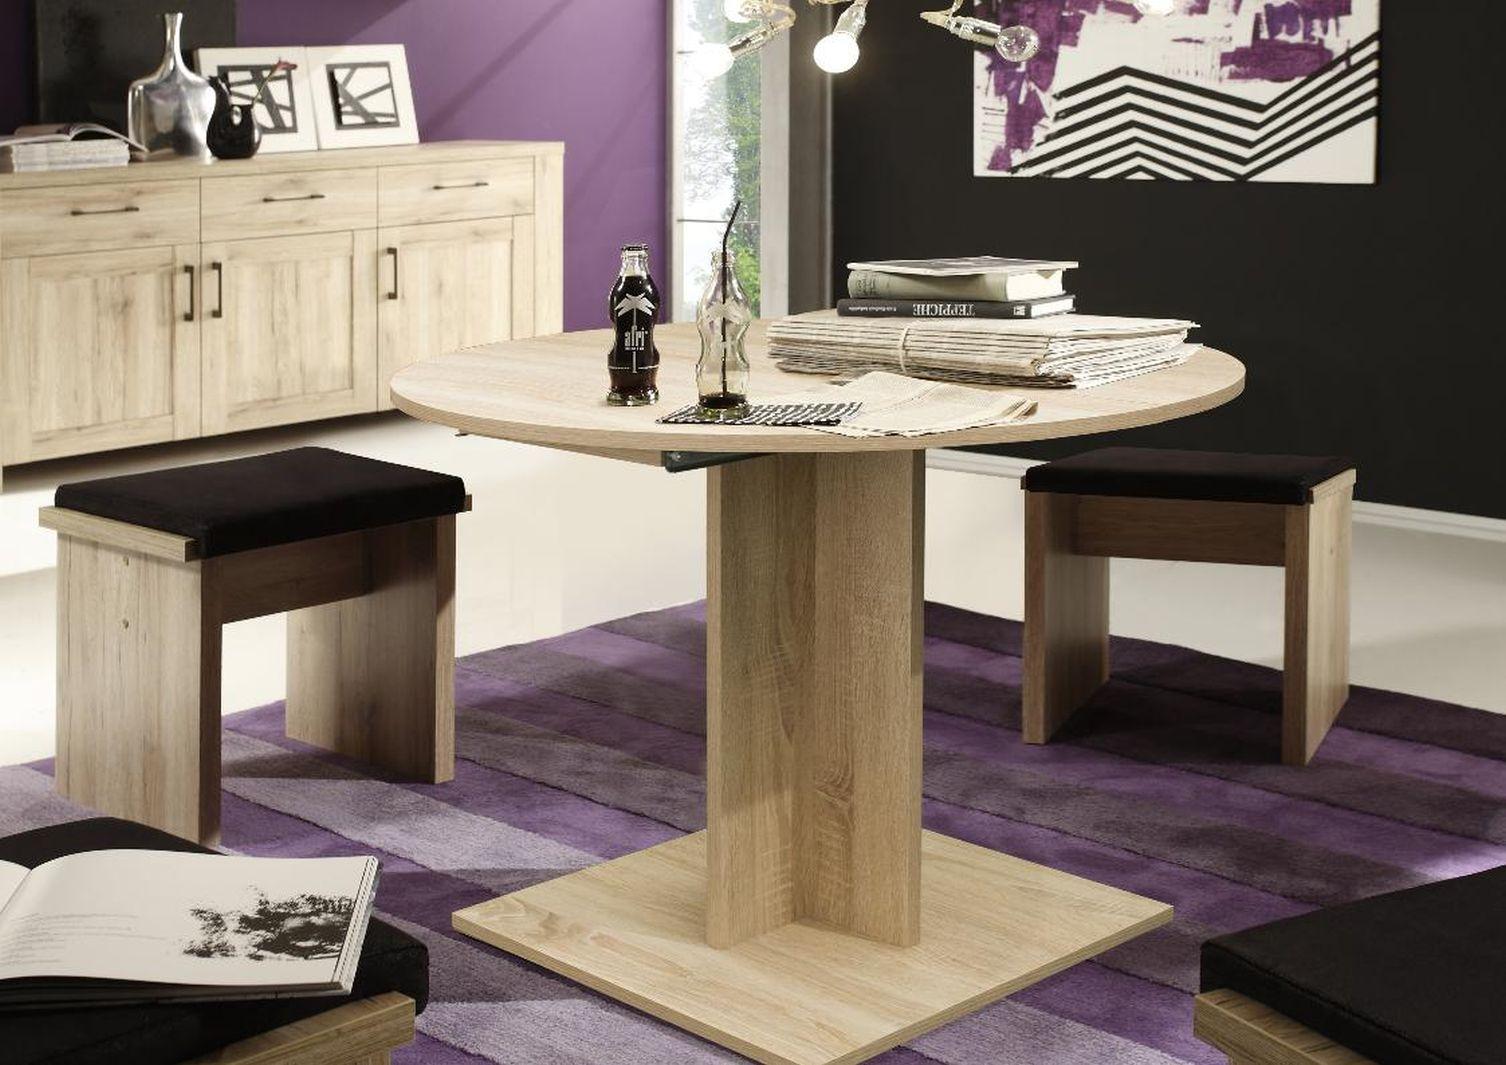 esstisch rund 0588 80 eiche s gerau online kaufen. Black Bedroom Furniture Sets. Home Design Ideas